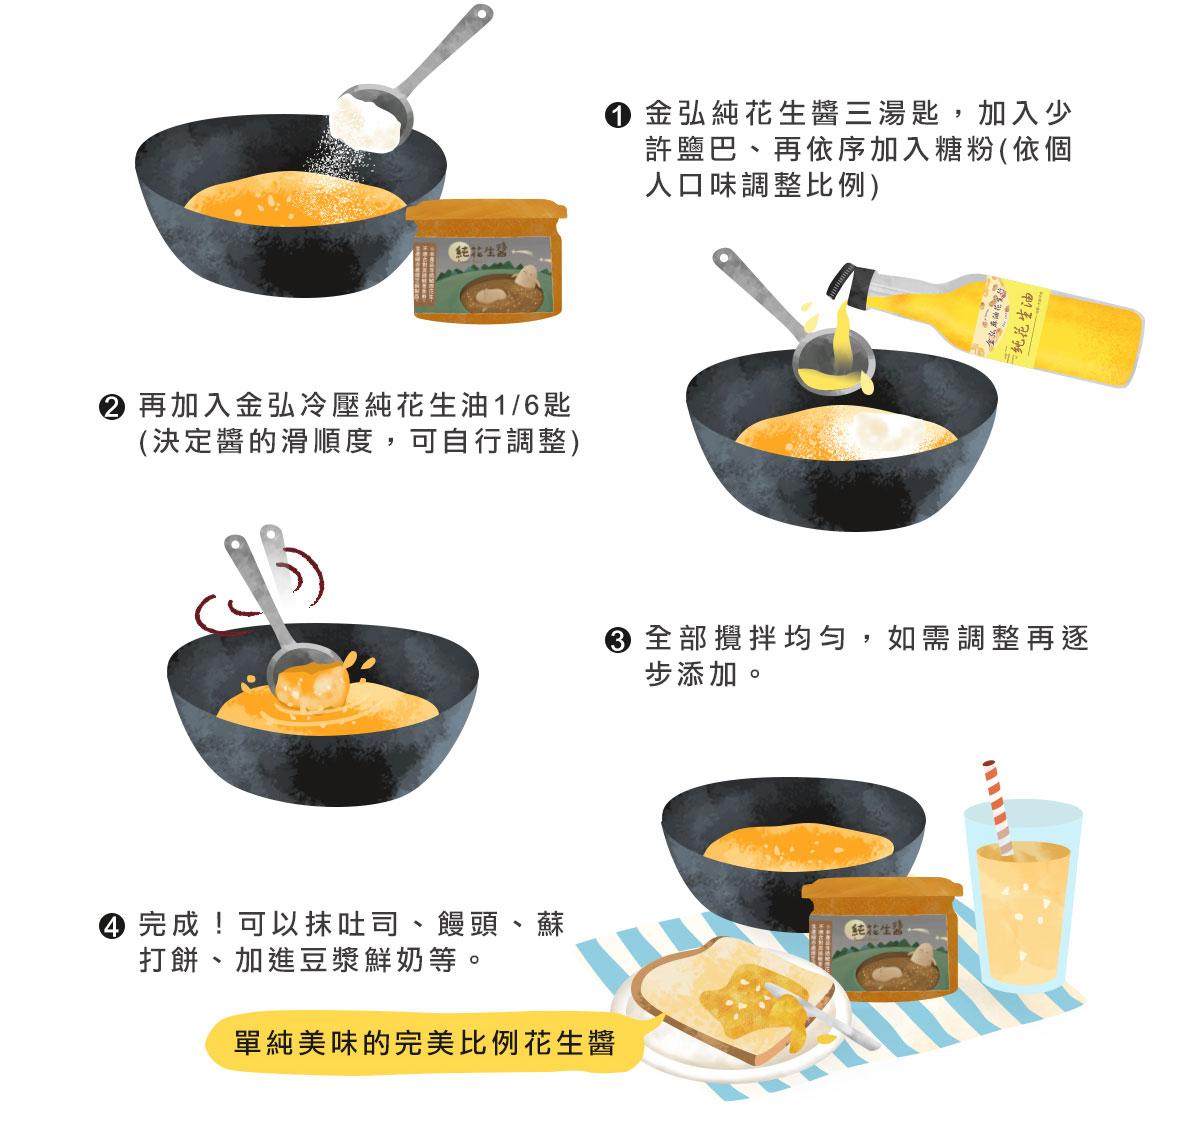 金弘純花生醬三湯匙,加入少許鹽巴、再依序加入糖粉(依個人口味調整比例),再加入金弘冷壓純花生油1/6匙(決定醬的滑順度,可自行調整),全部攪拌均勻完成後便可抹吐司、饅頭、蘇打餅、加進豆漿鮮奶等。